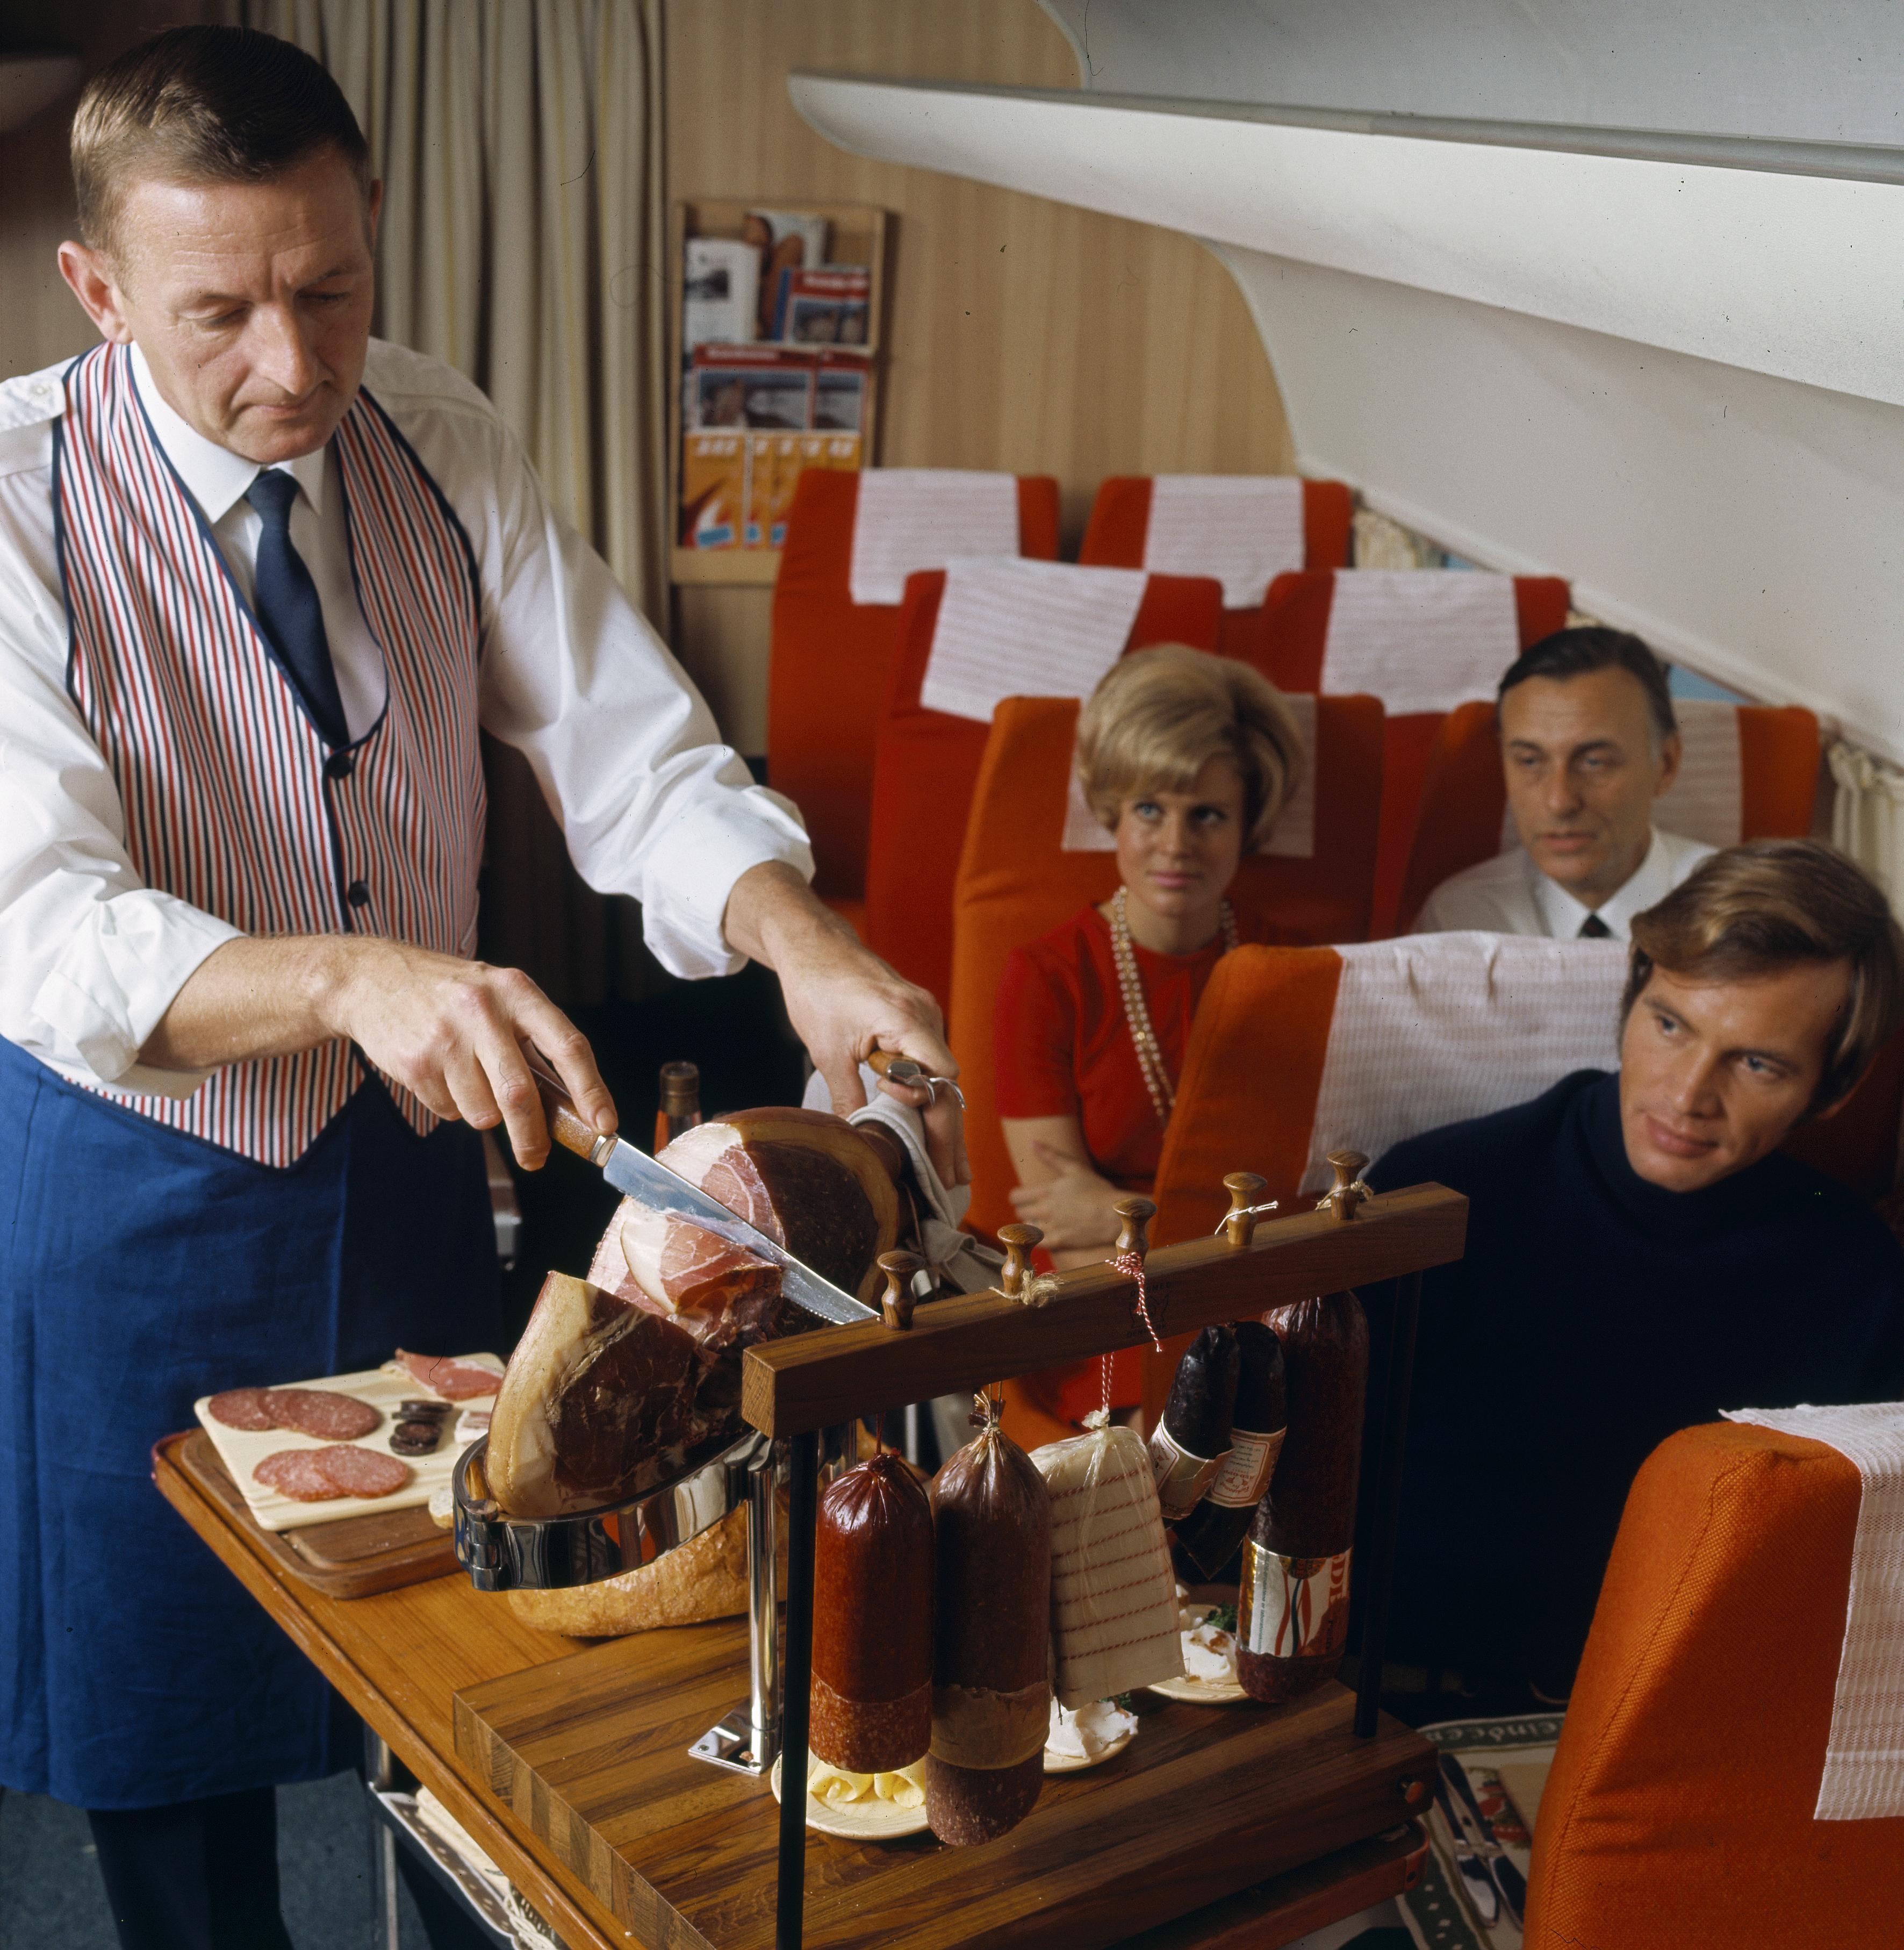 interior 1 Cabina de Pasaje Douglas DC-8 Aviaco | ahbaselga | Flickr